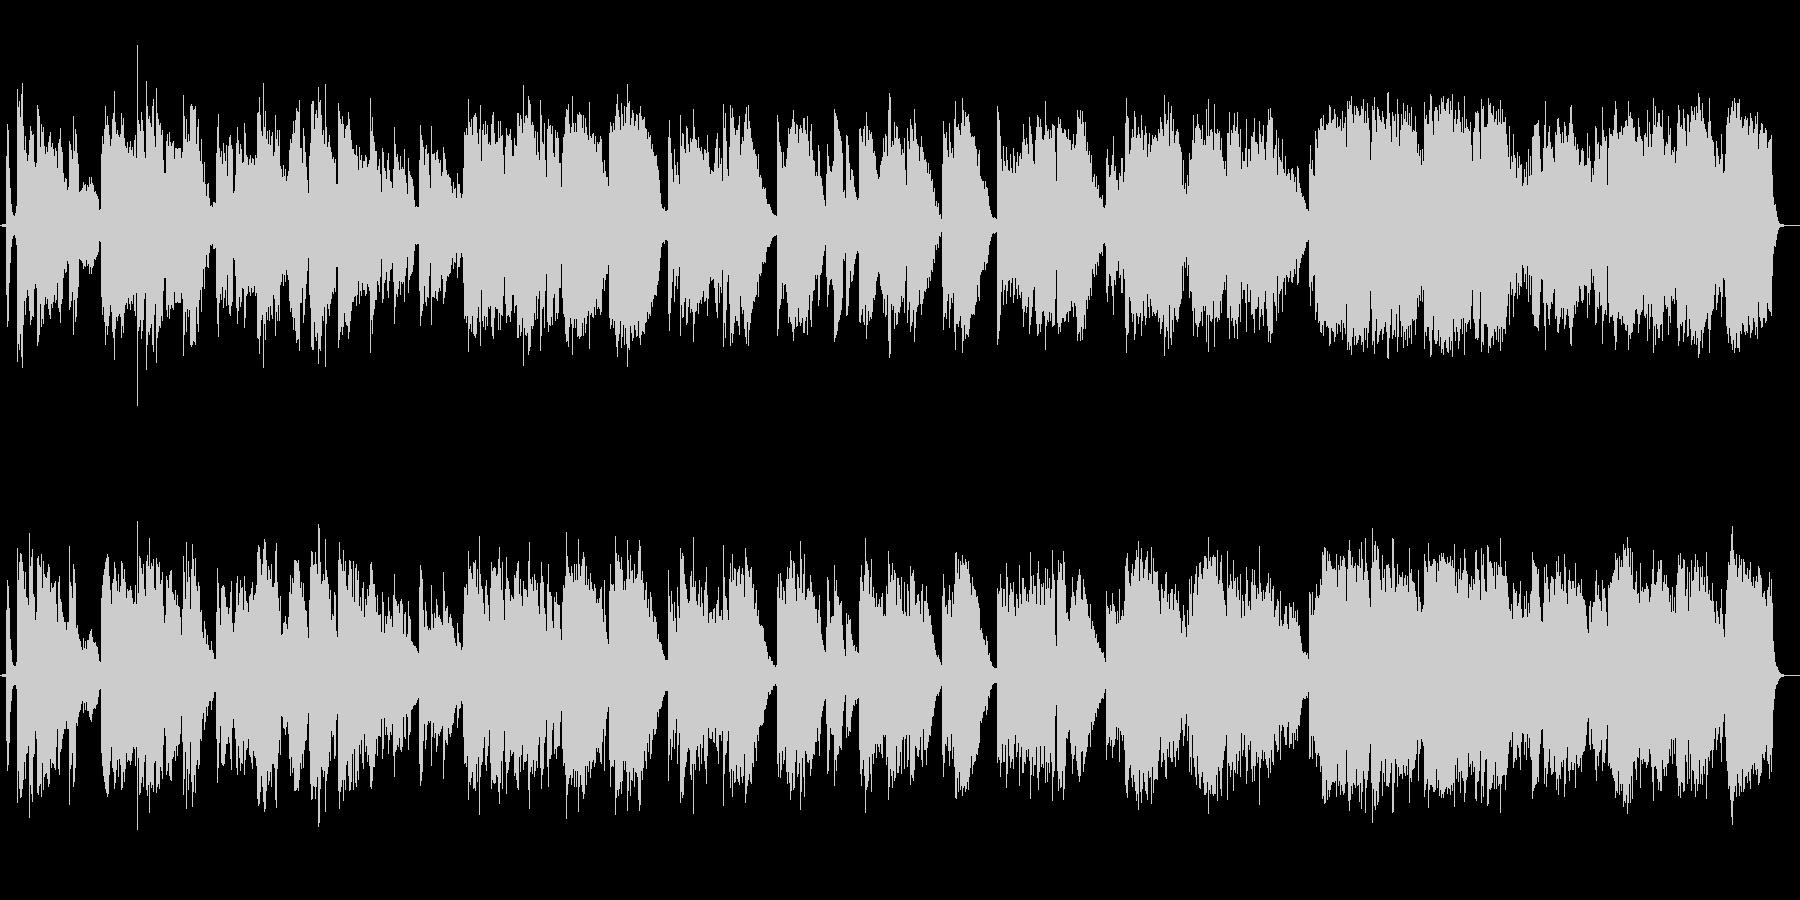 尺八とピアノの荘厳な楽曲の未再生の波形